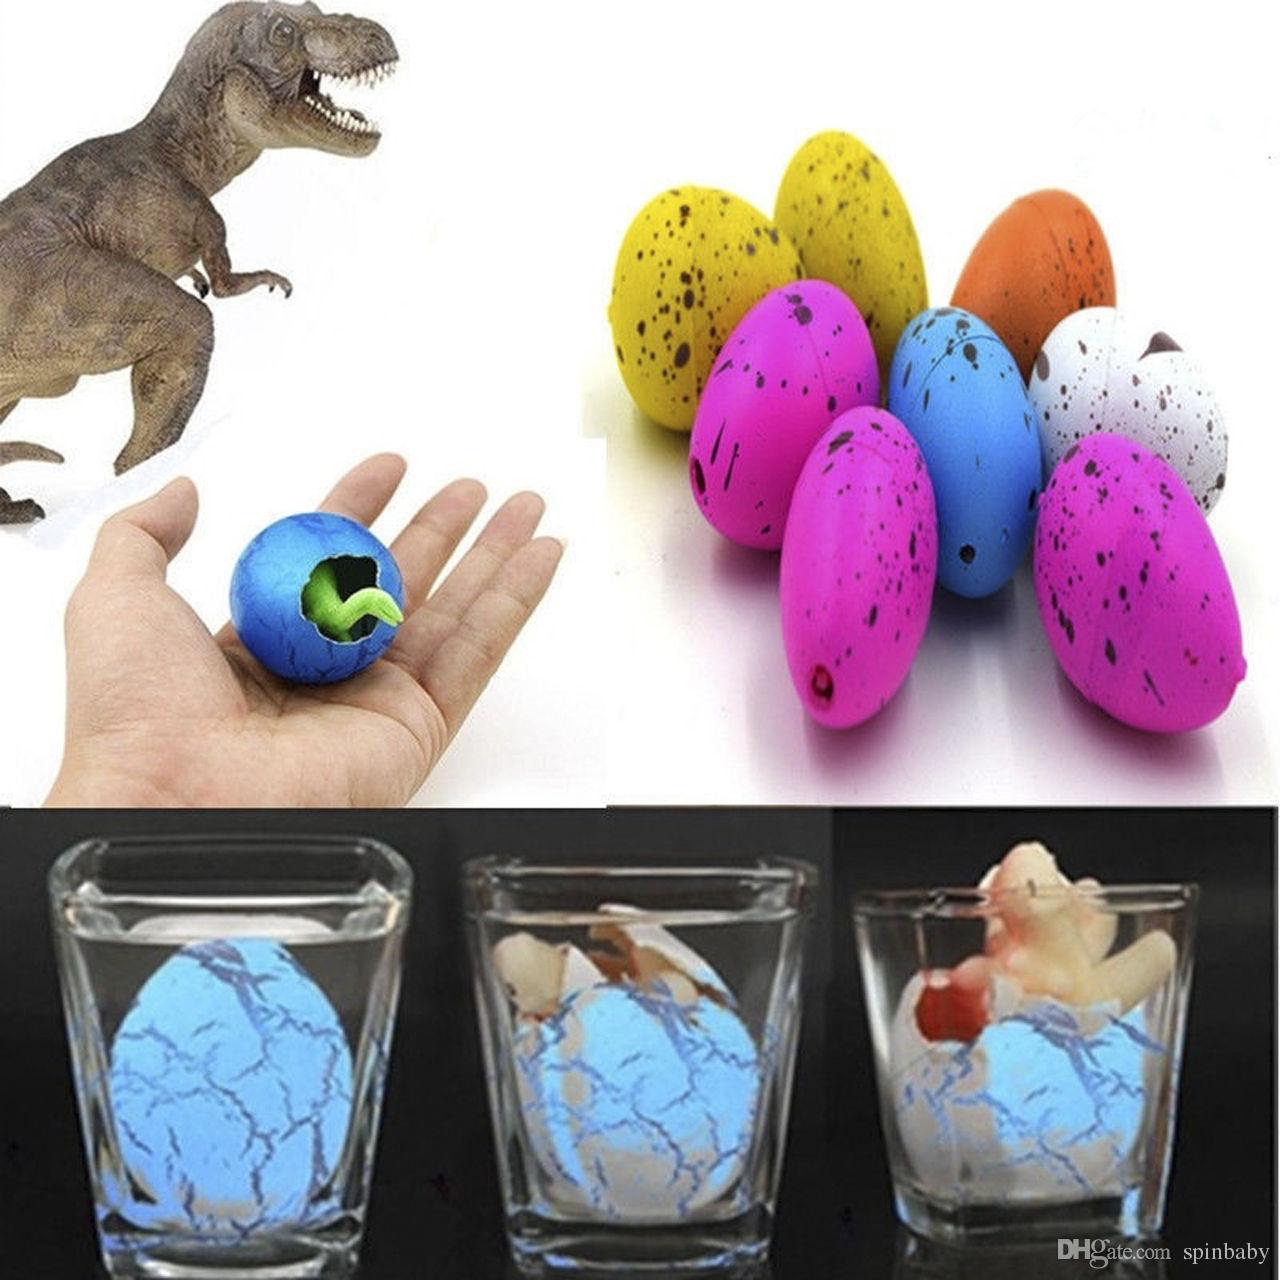 نفخ ماجيك الفقس ديناصور إضافة المياه المتنامية دينو البيض الطفل كيد لعبة